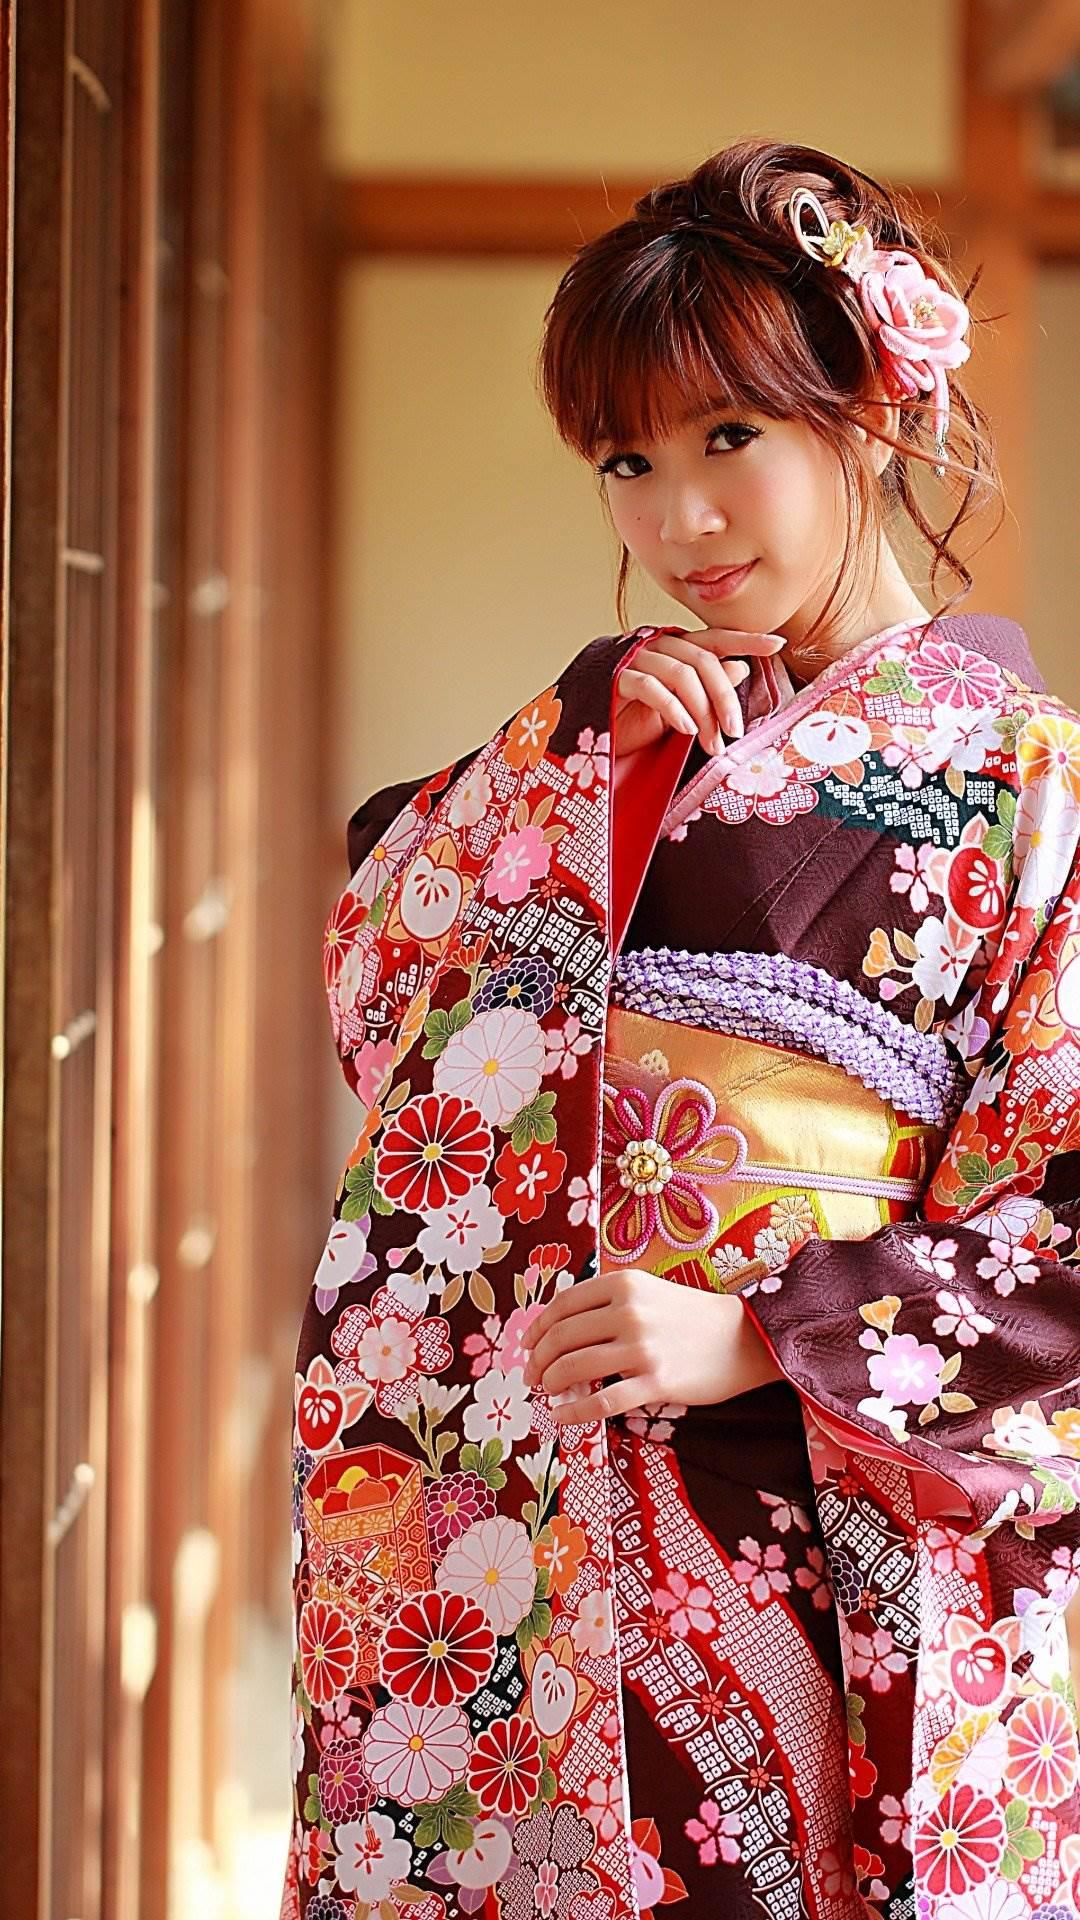 совета моп, японское кимоно картинки про белокочанную